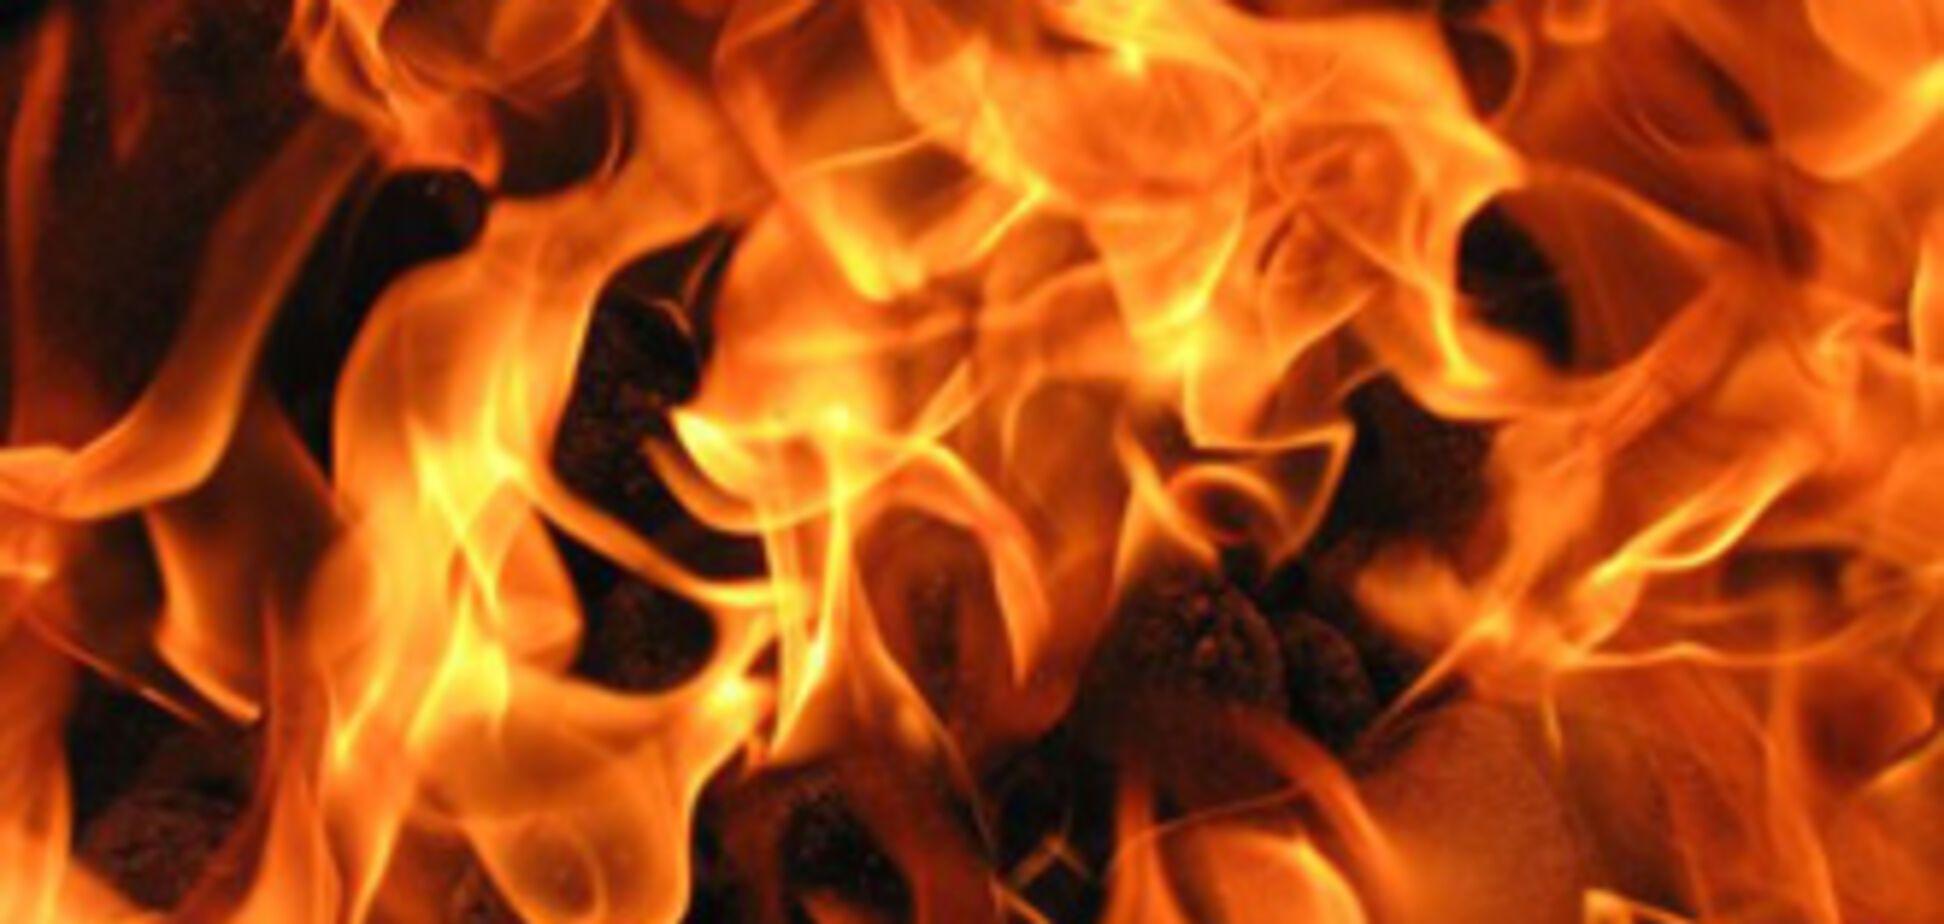 У готелі живцем згоріли 10 людей